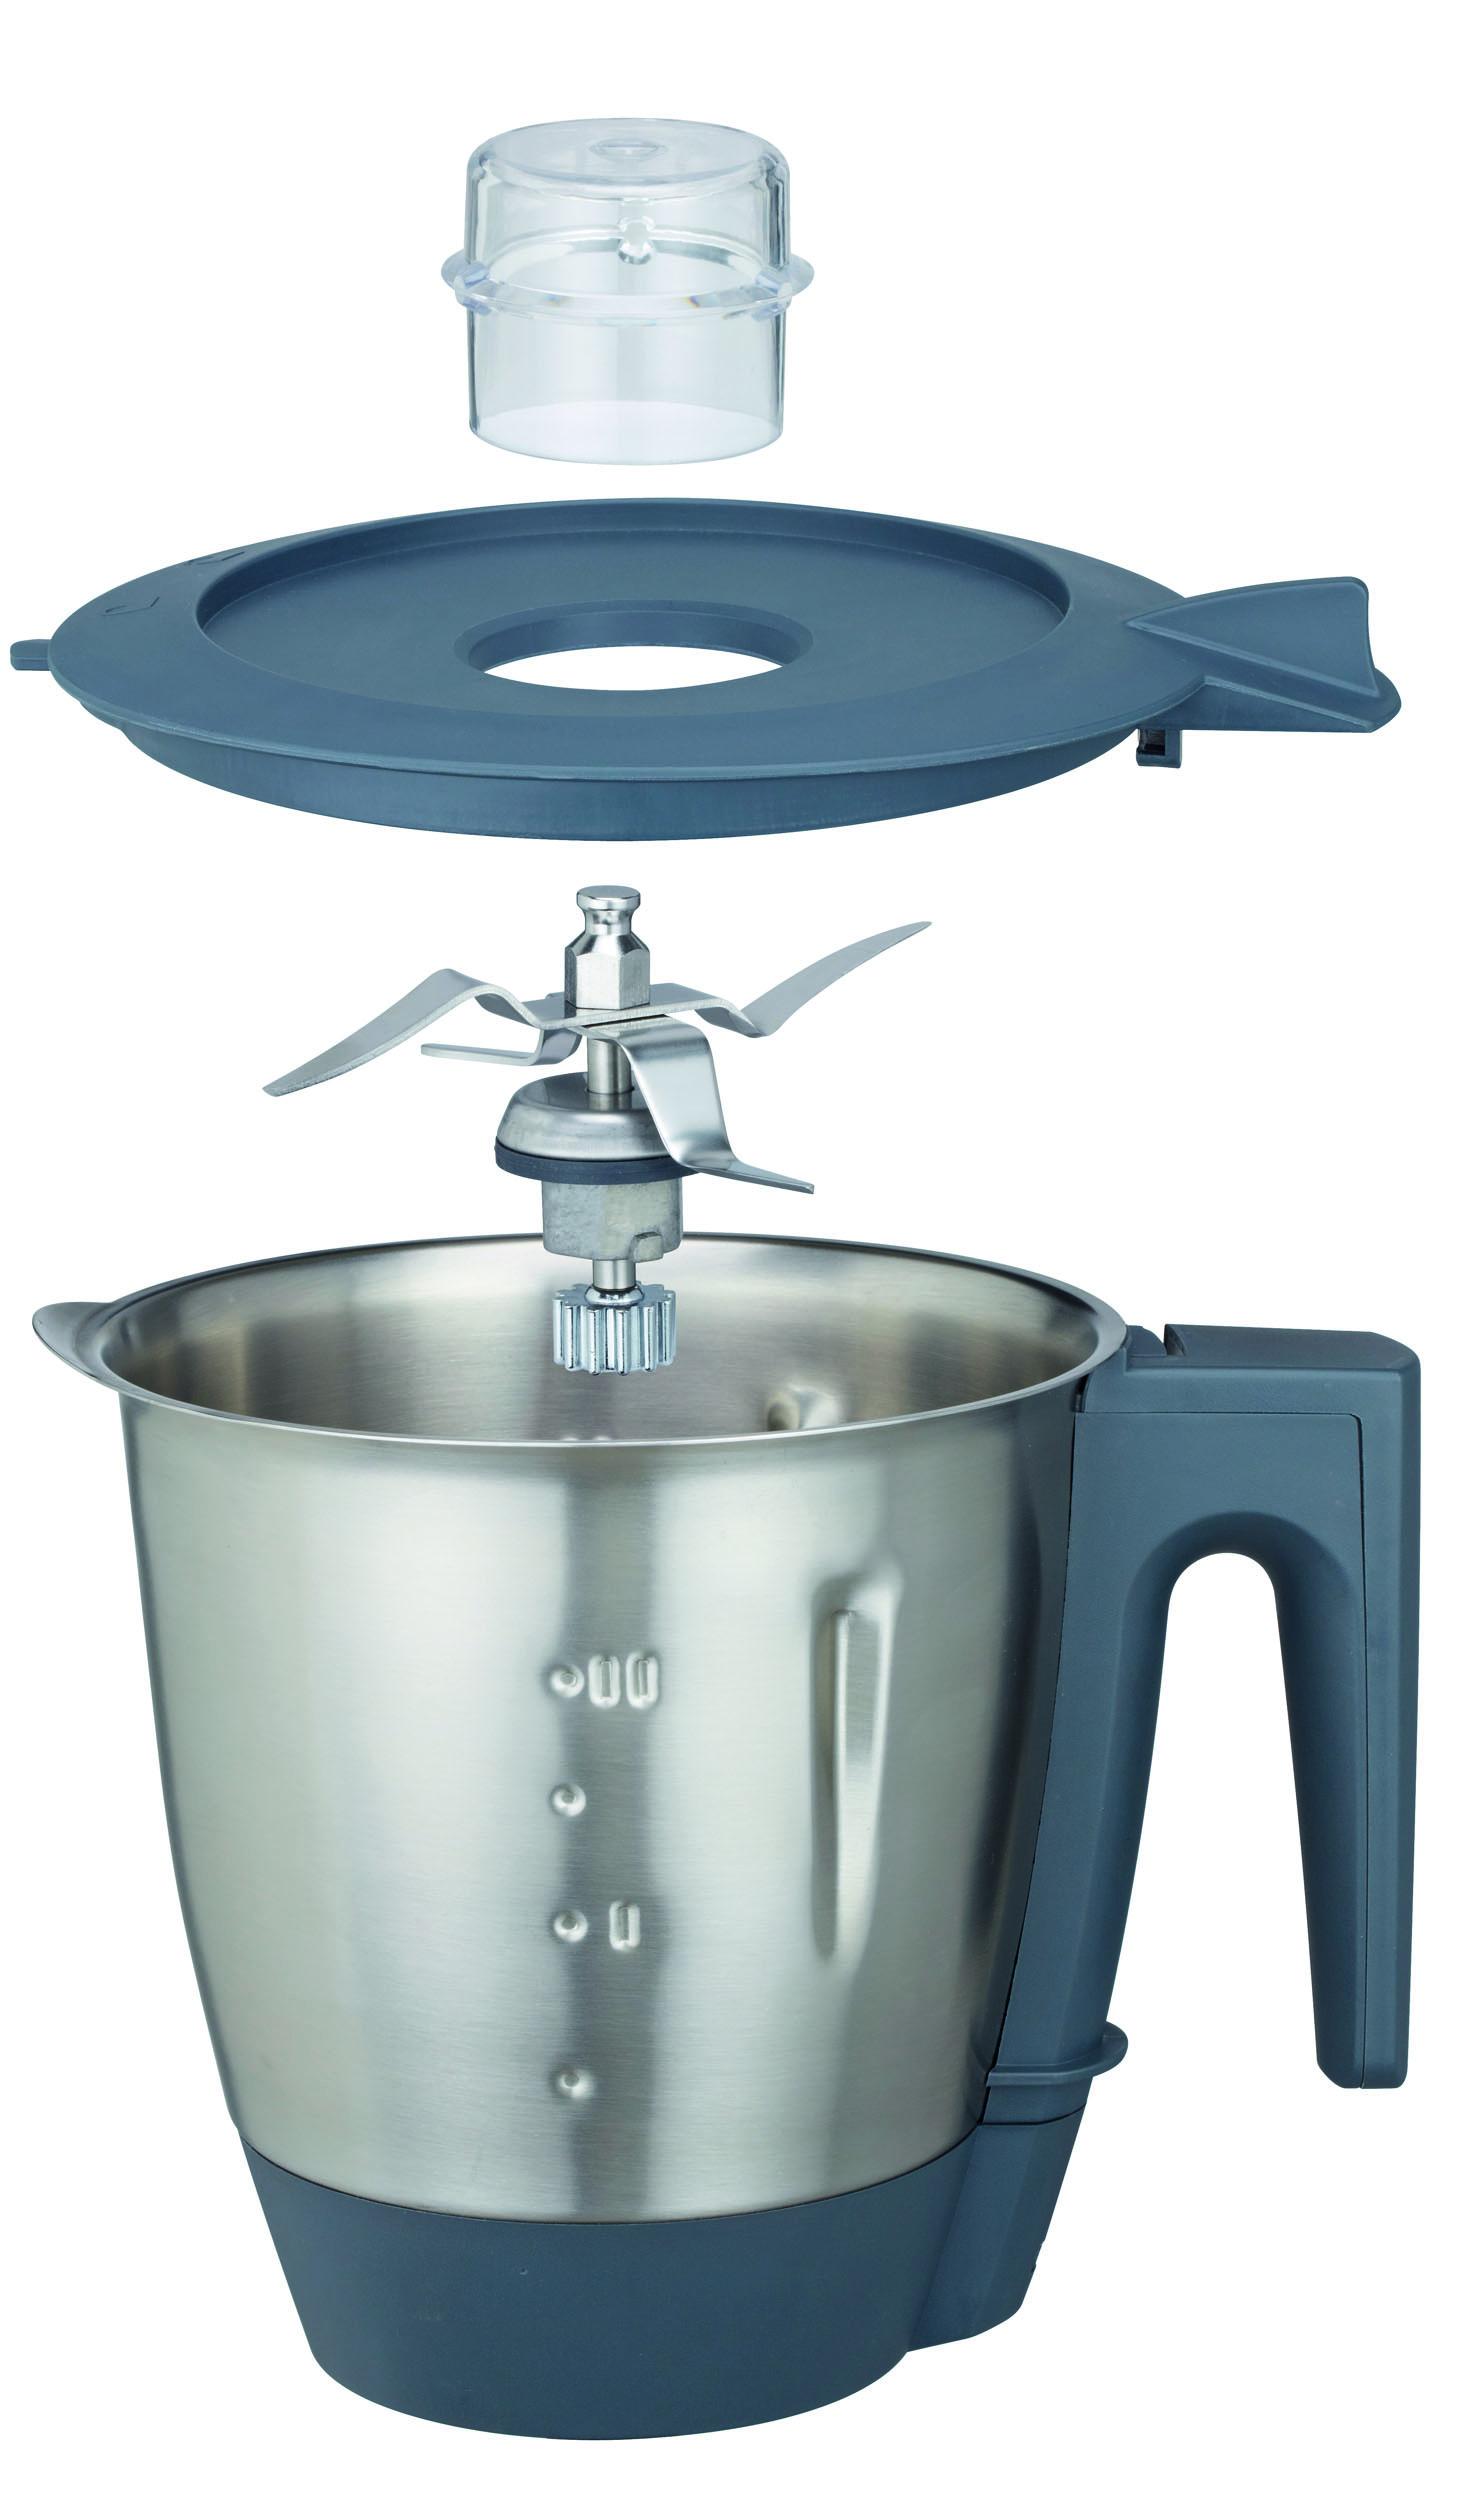 Sim o qc360 robot cuiseur delimix cuisine maison for Robot cuiseur simeo delimix qc360